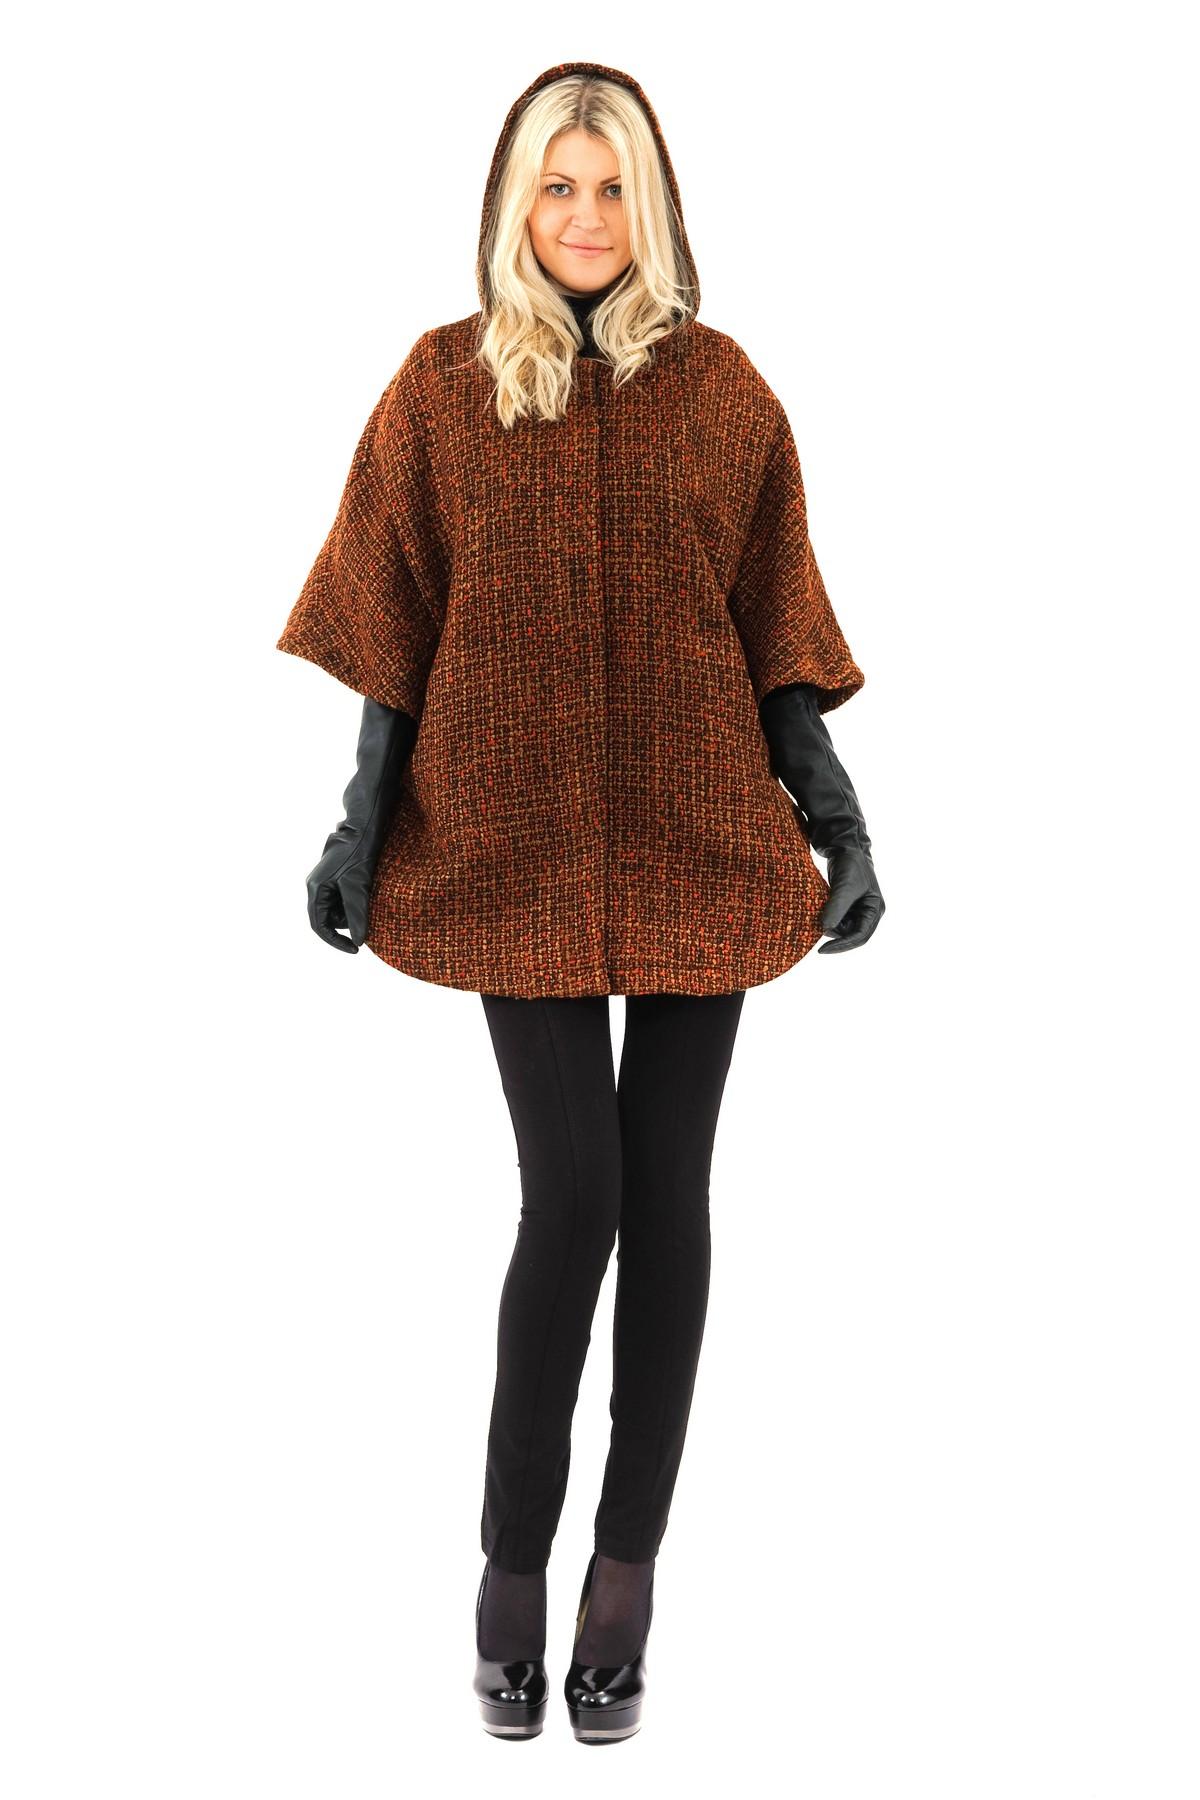 ПончоЖенские куртки, плащи, пальто<br>Пончо женское  из коллекции Павла Ерокина. Пончо свободного трапециевидного силуэта, изготовленного из высококачественного итальянского сукна, а капюшон и карманы обеспечивают комфортную носку изделия.<br><br>Цвет: кофейно-оранжевый<br>Состав: 38 % акрил ,35 % шерсть, 30% полиэстер<br>Размер: 44,46,48<br>Страна дизайна: Россия<br>Страна производства: Россия